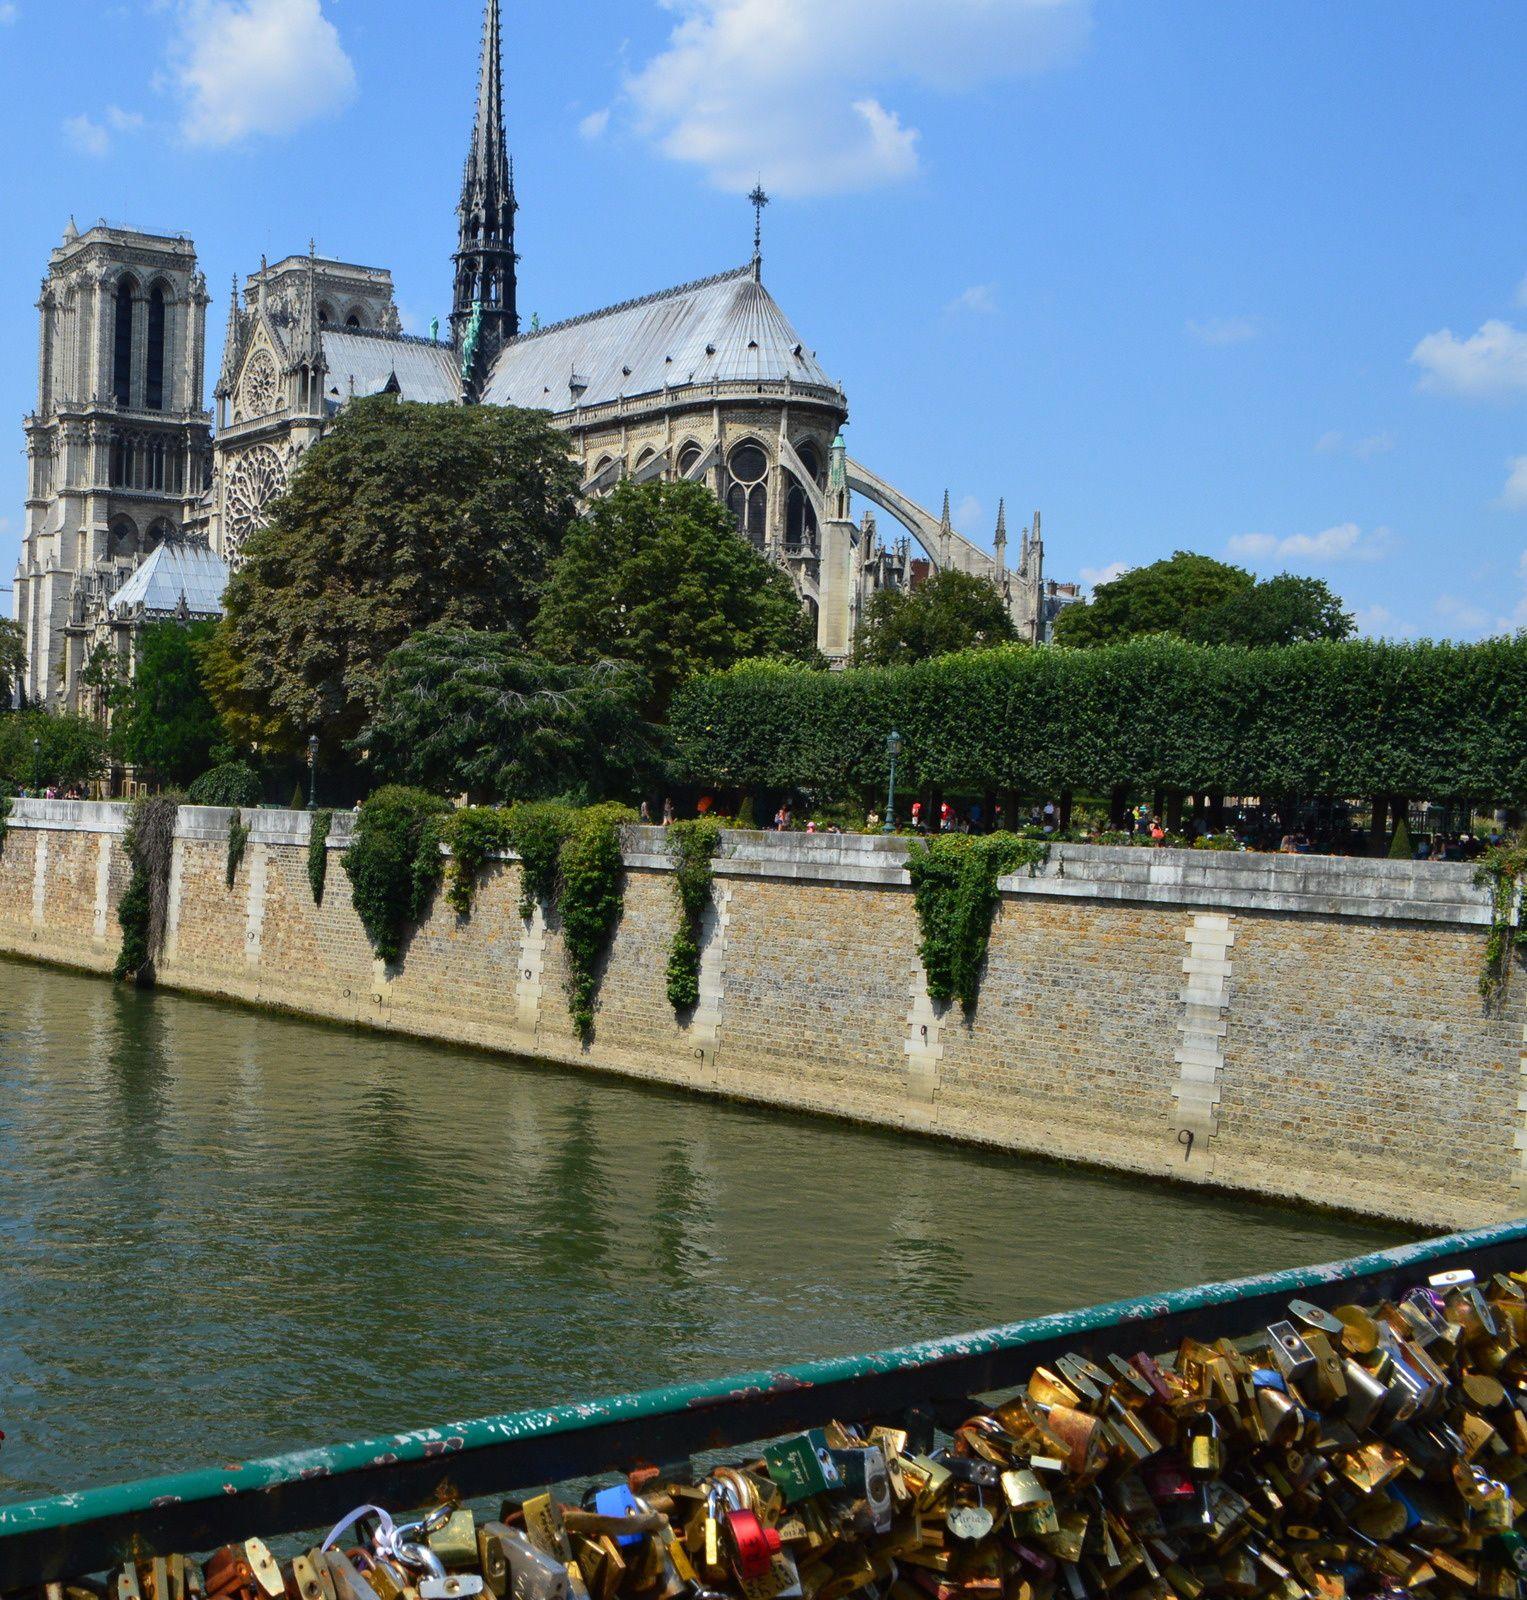 balade le long de la seine, Notre Dame